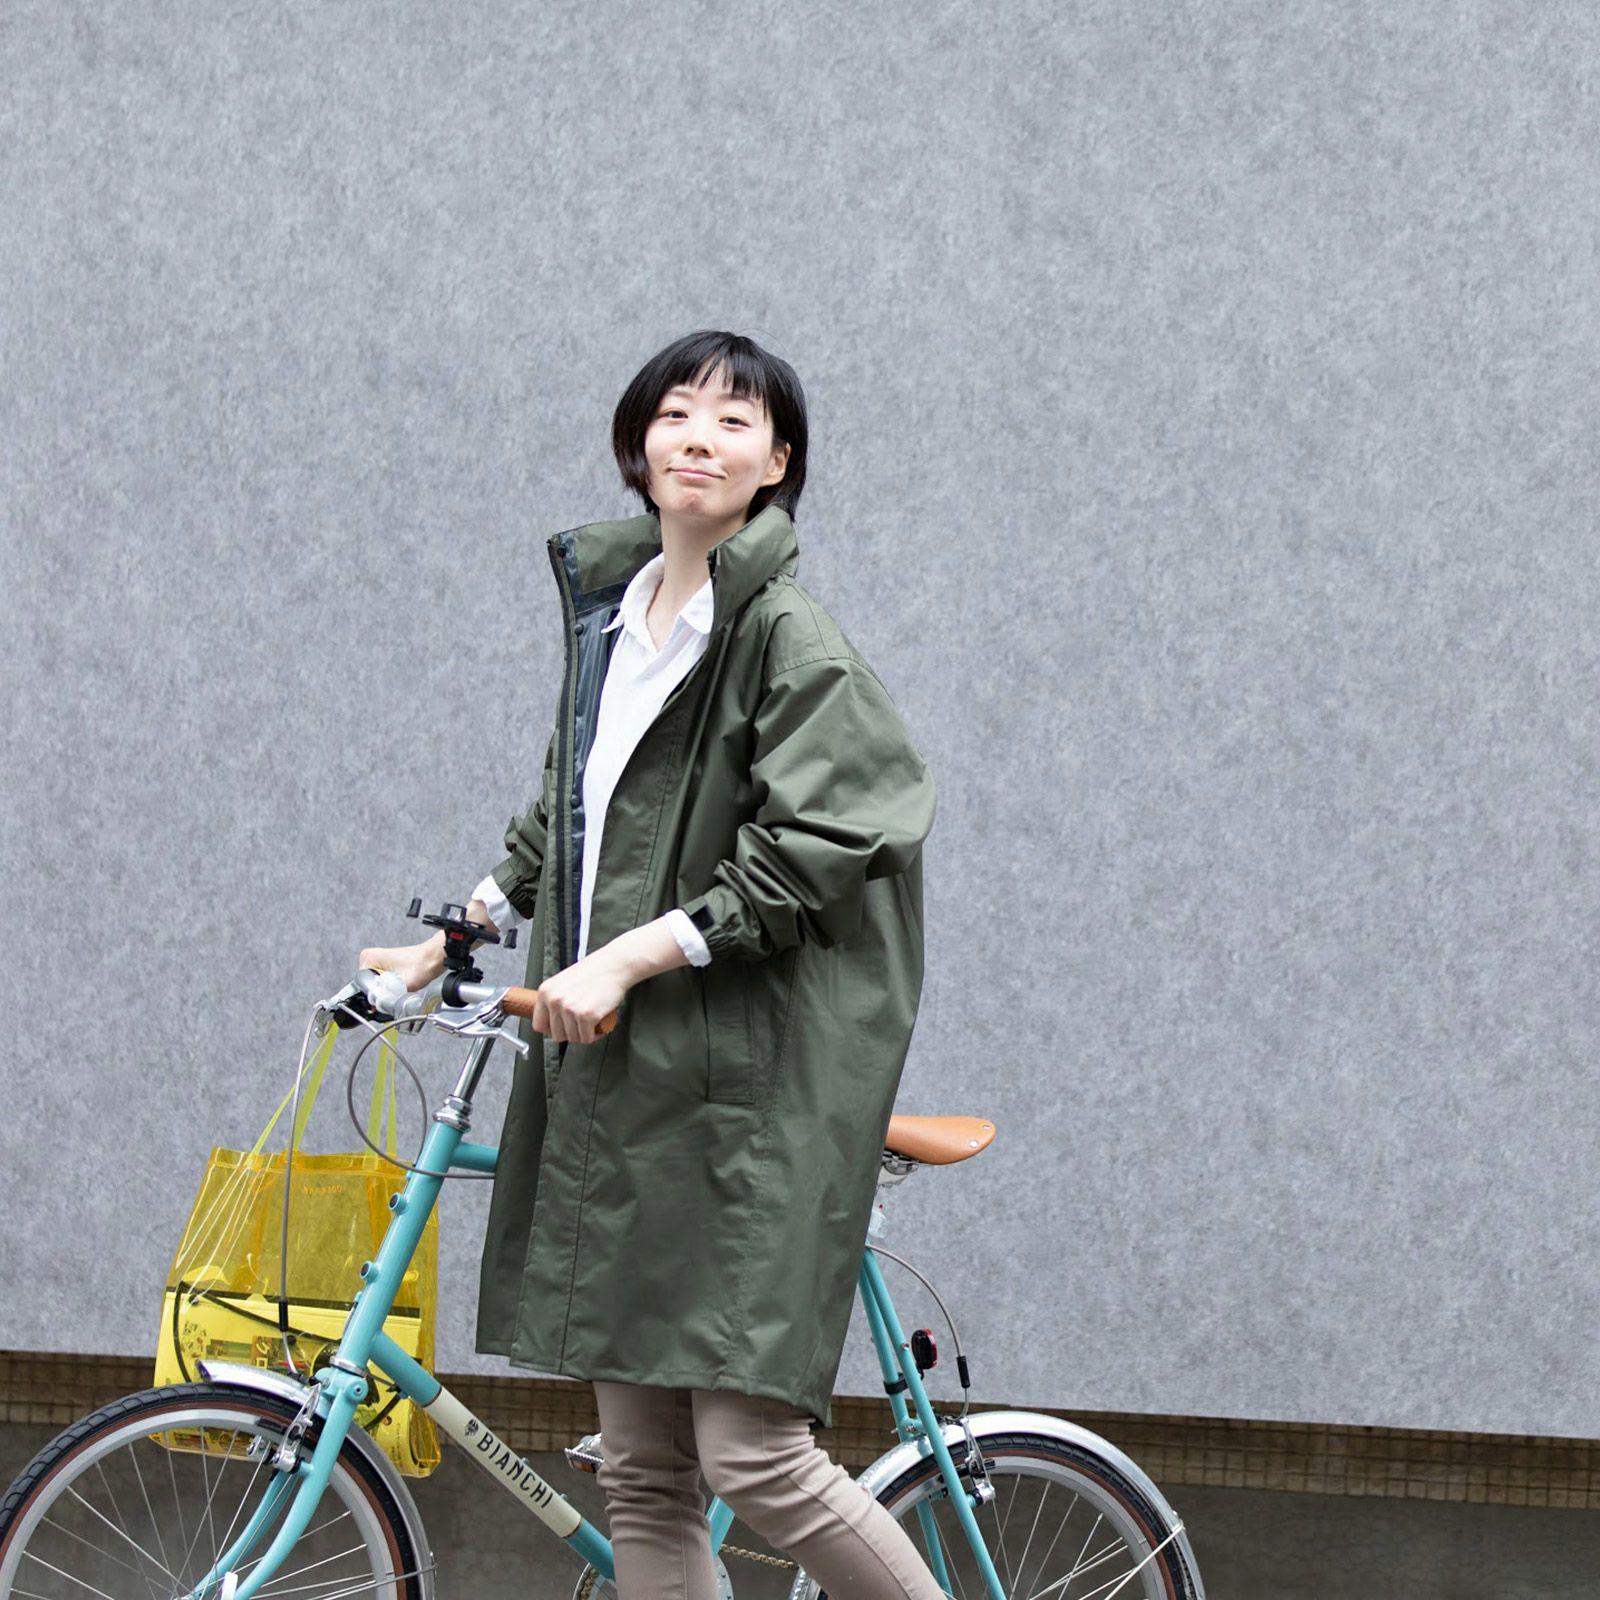 レインシェイカー バッグインコート 女性の着こなし ロングレインコートスタイル01